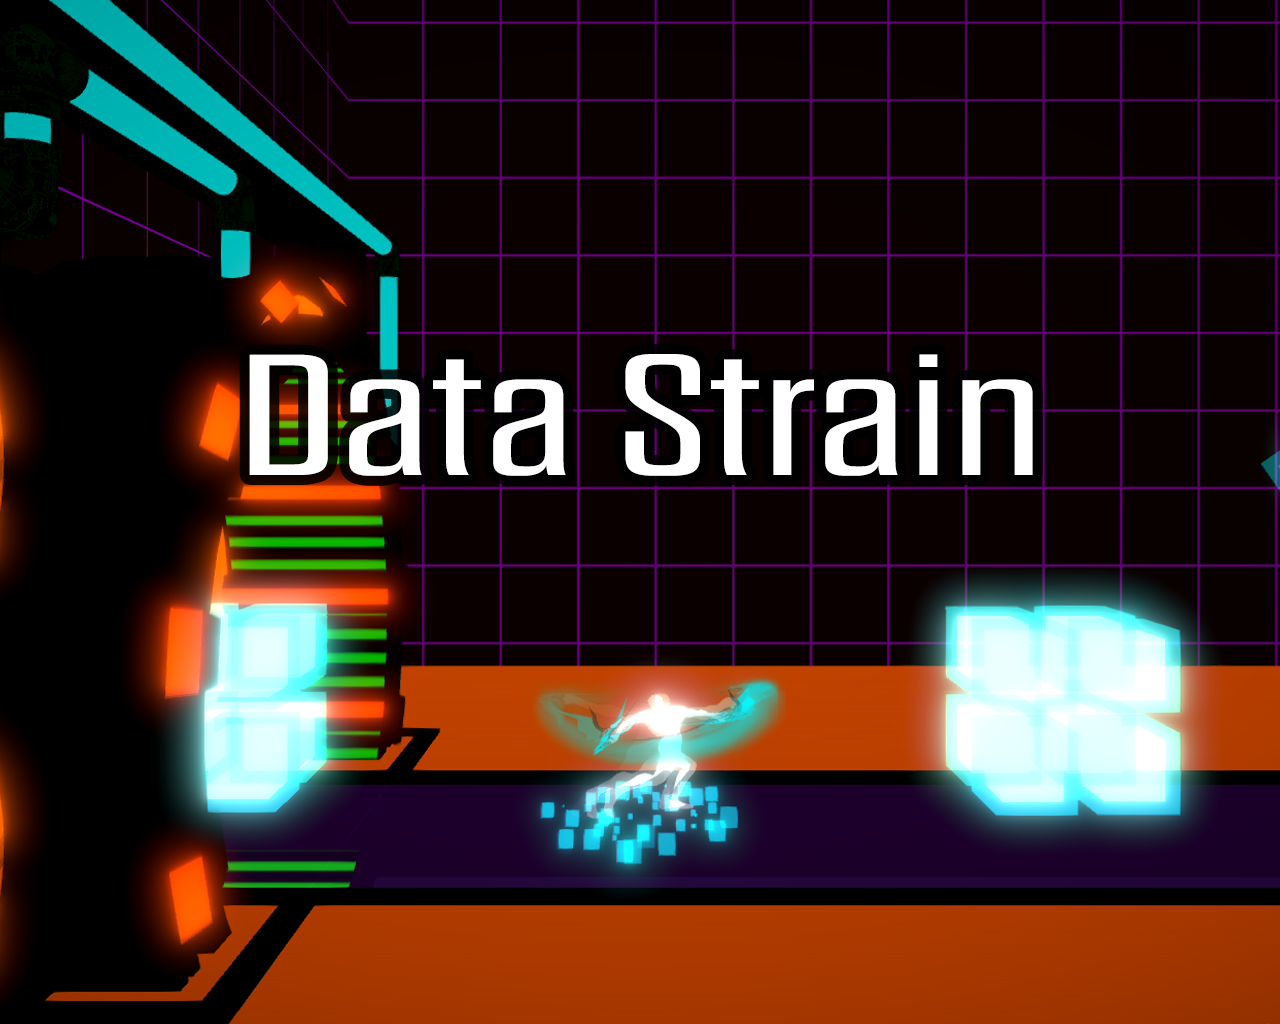 Data Strain